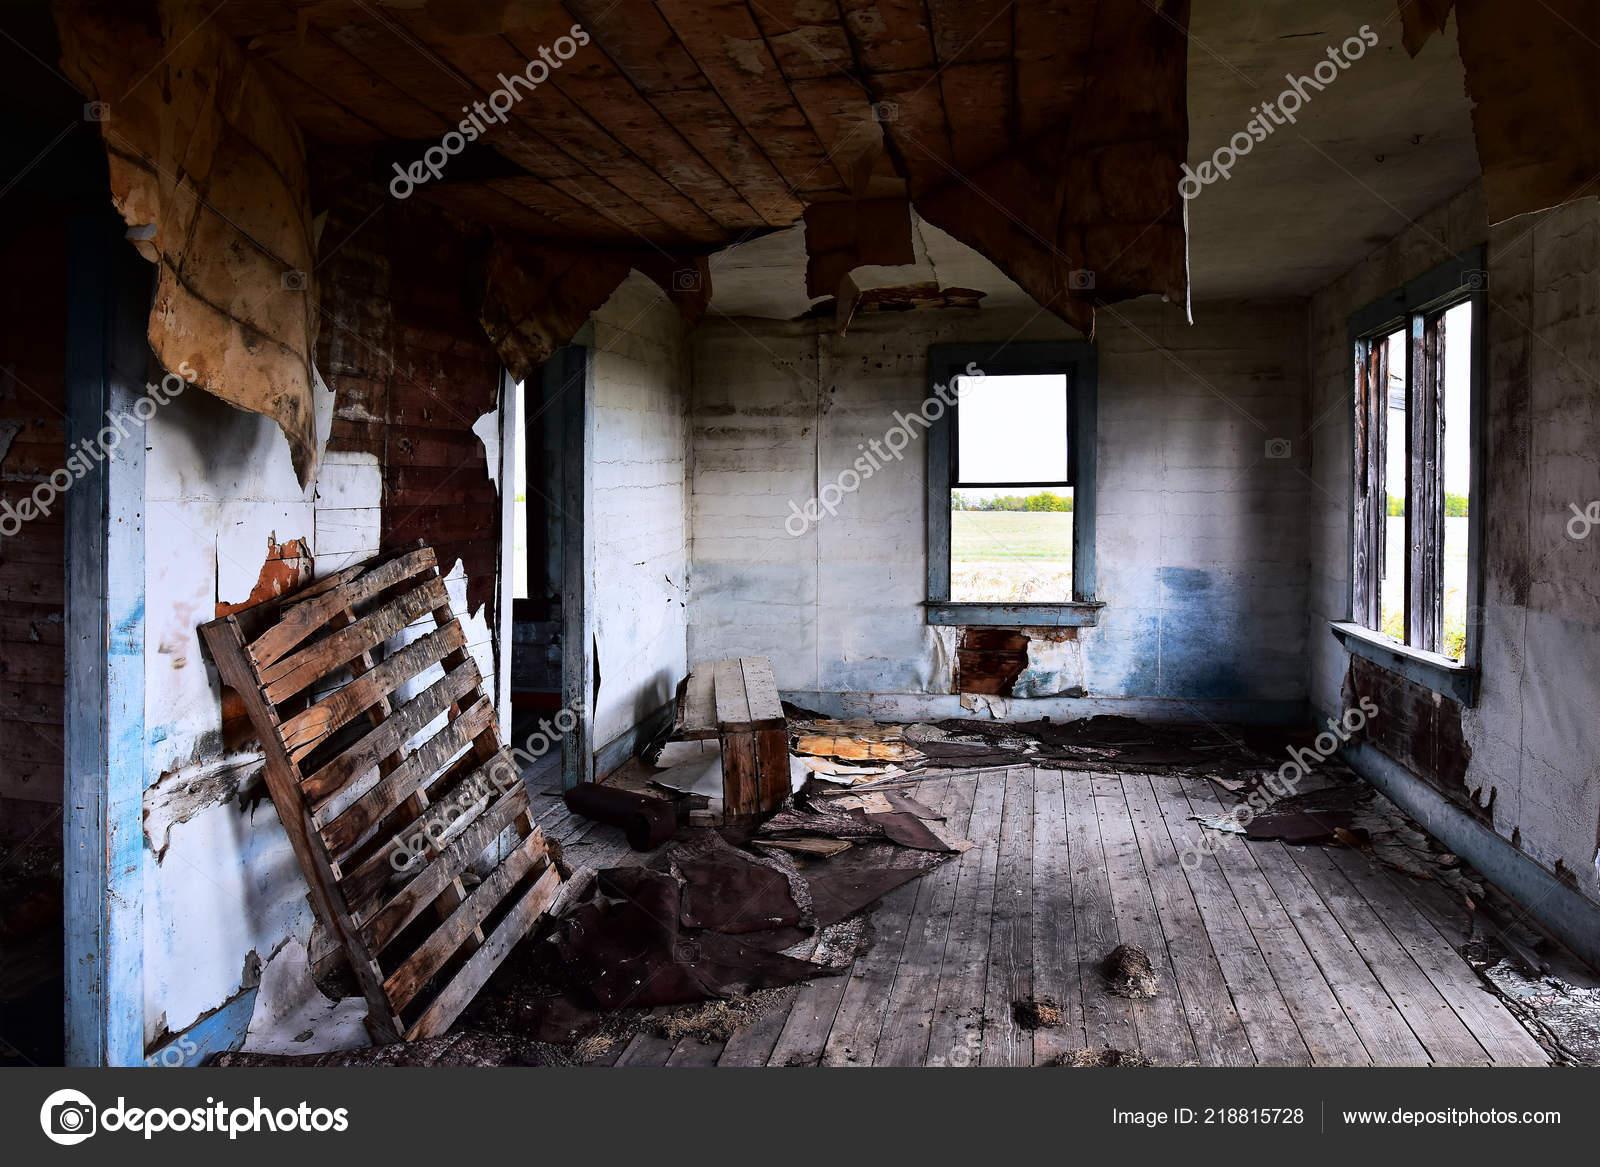 Image Interior Creepy Old Abandoned House Stock Photo C Shutterbug68 218815728